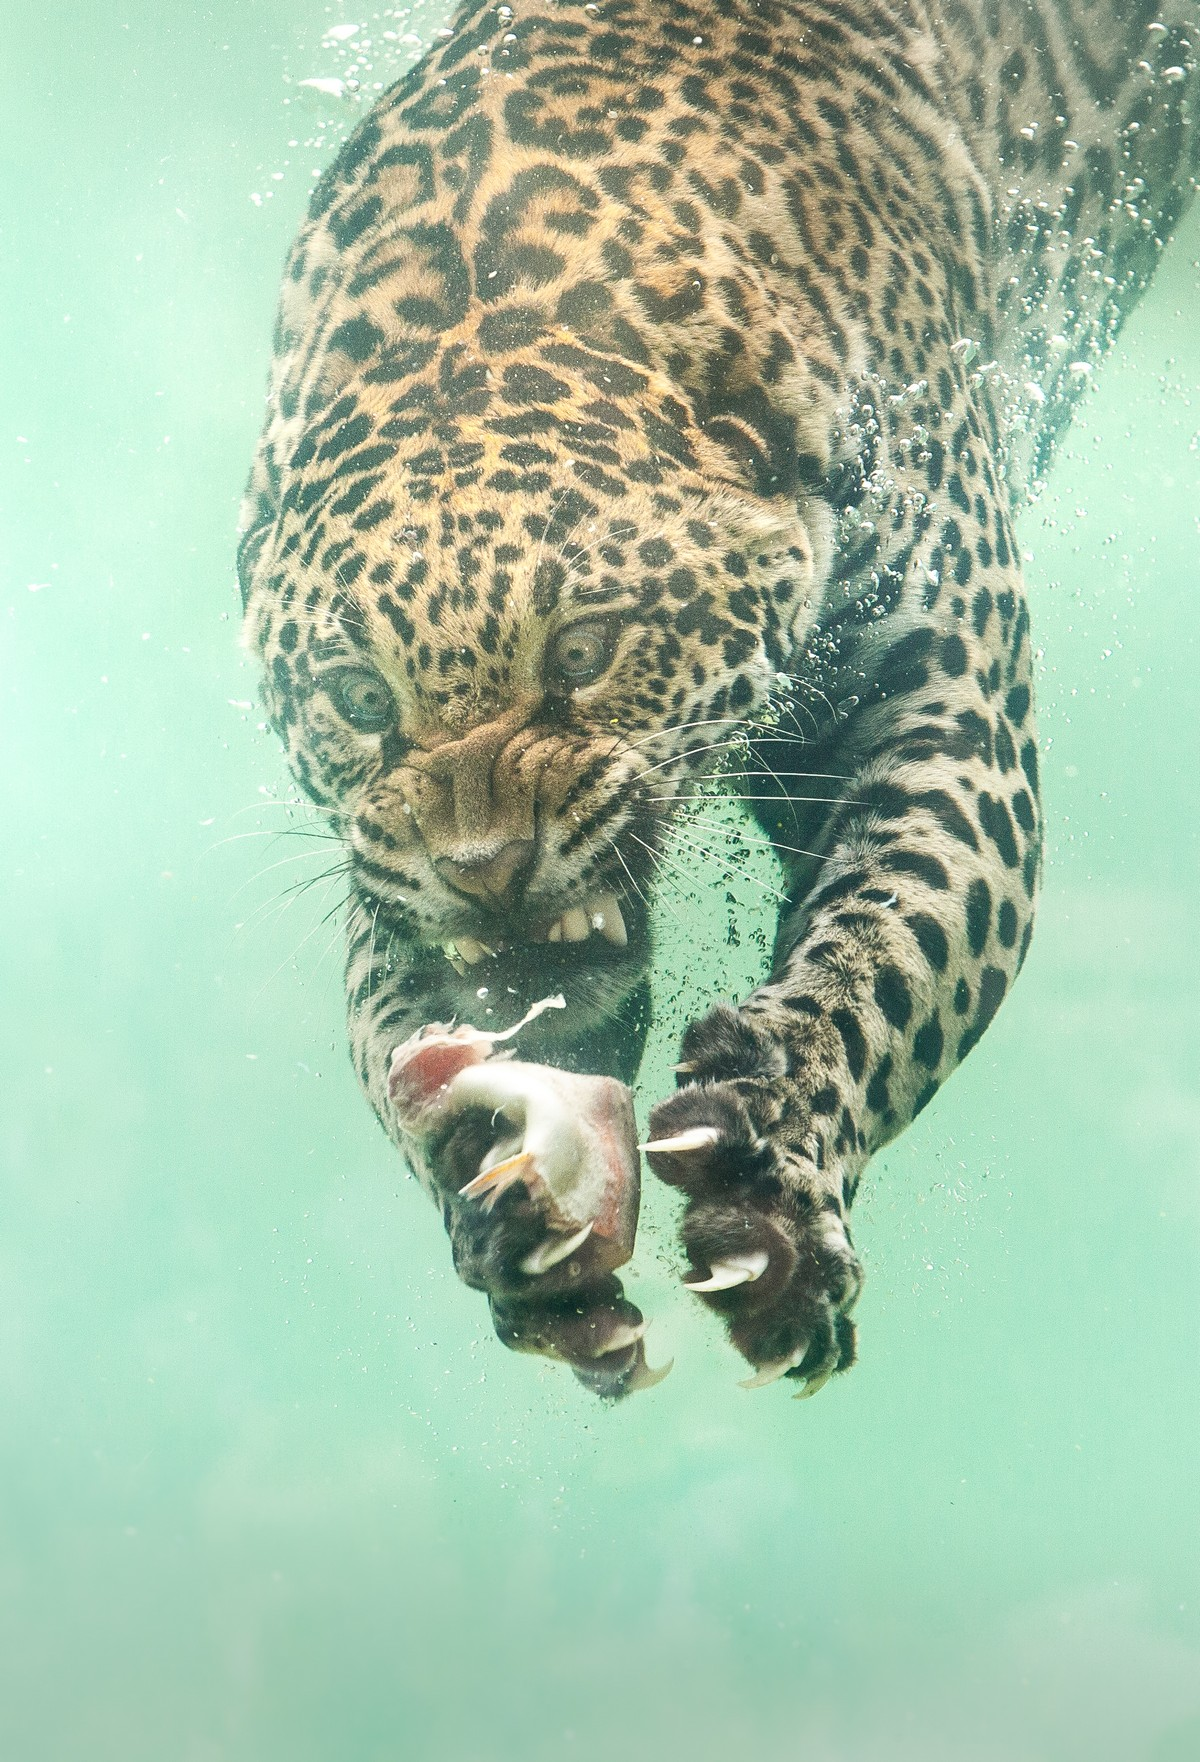 Ягуар ныряет в воду за едой